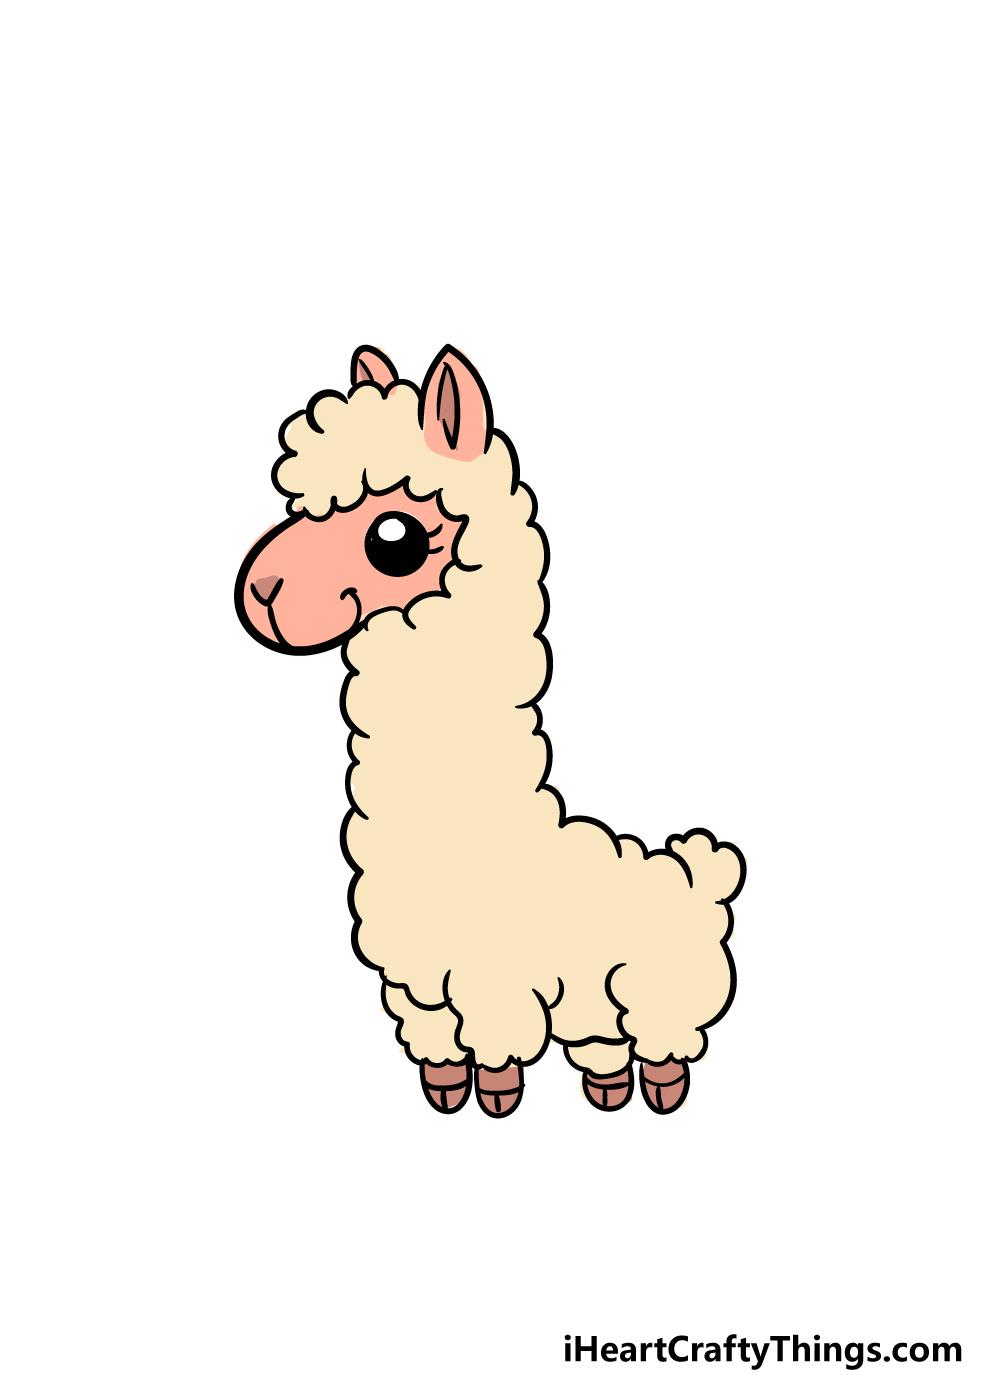 llama drawing step 7